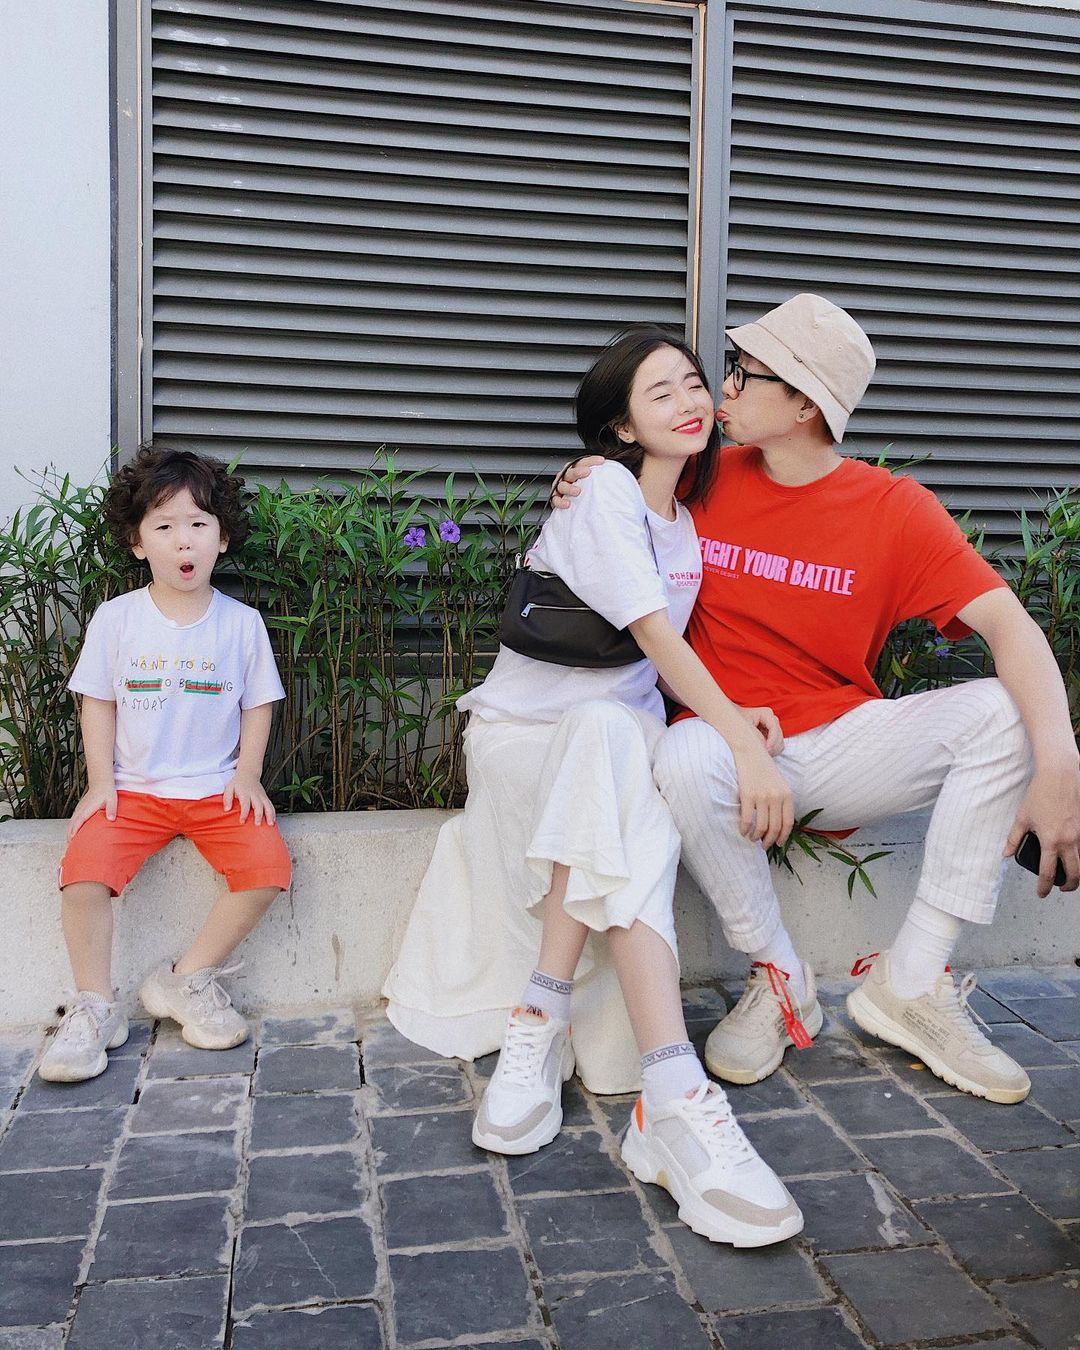 Có bố mẹ nổi tiếng, dàn hot kid auto khuấy đảo MXH Việt: Đáng iu quá quý dzị ơi! - Ảnh 34.